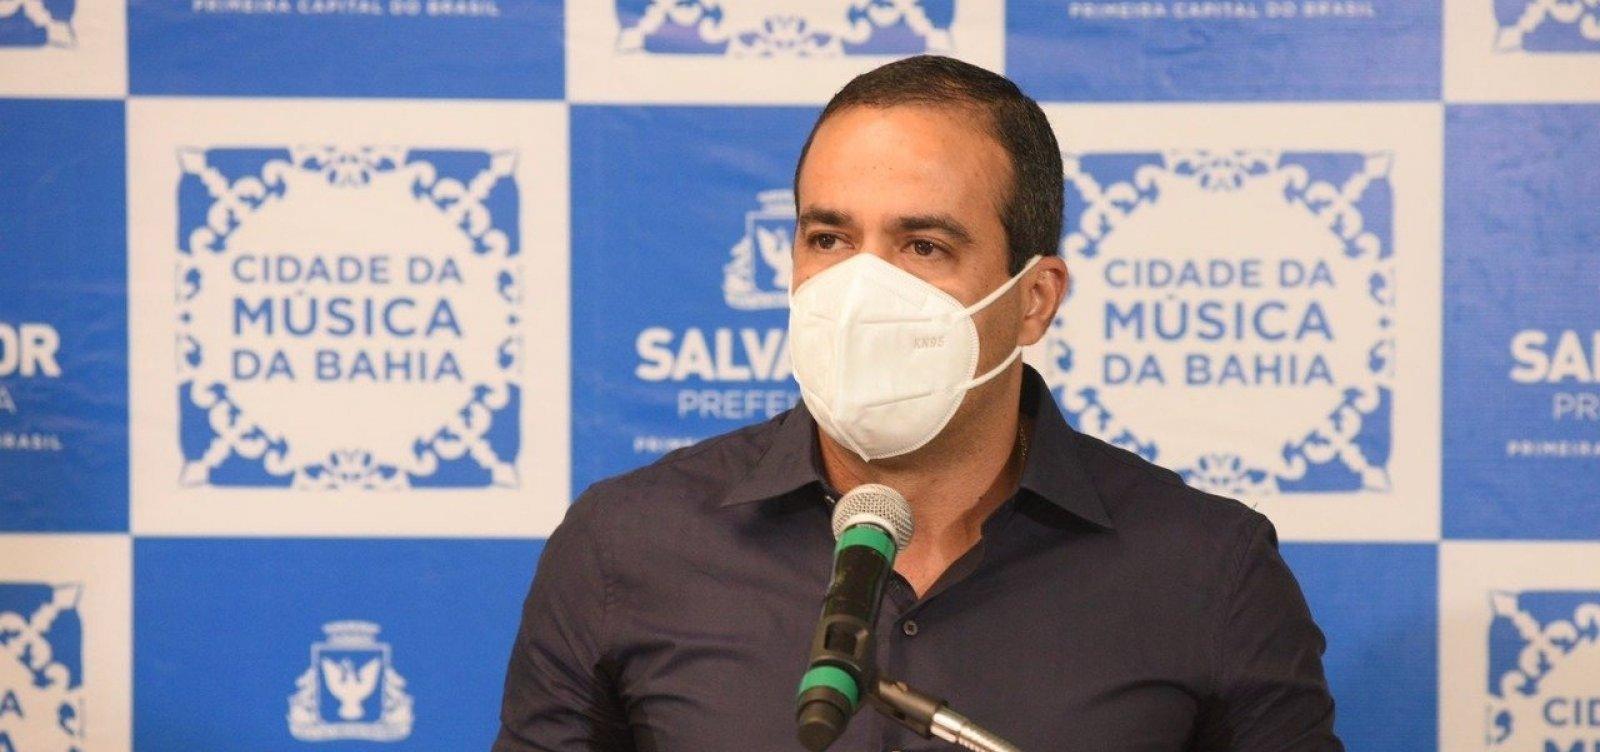 Prefeito anuncia o retorno das aulas totalmente presenciais na rede municipal para segunda-feira